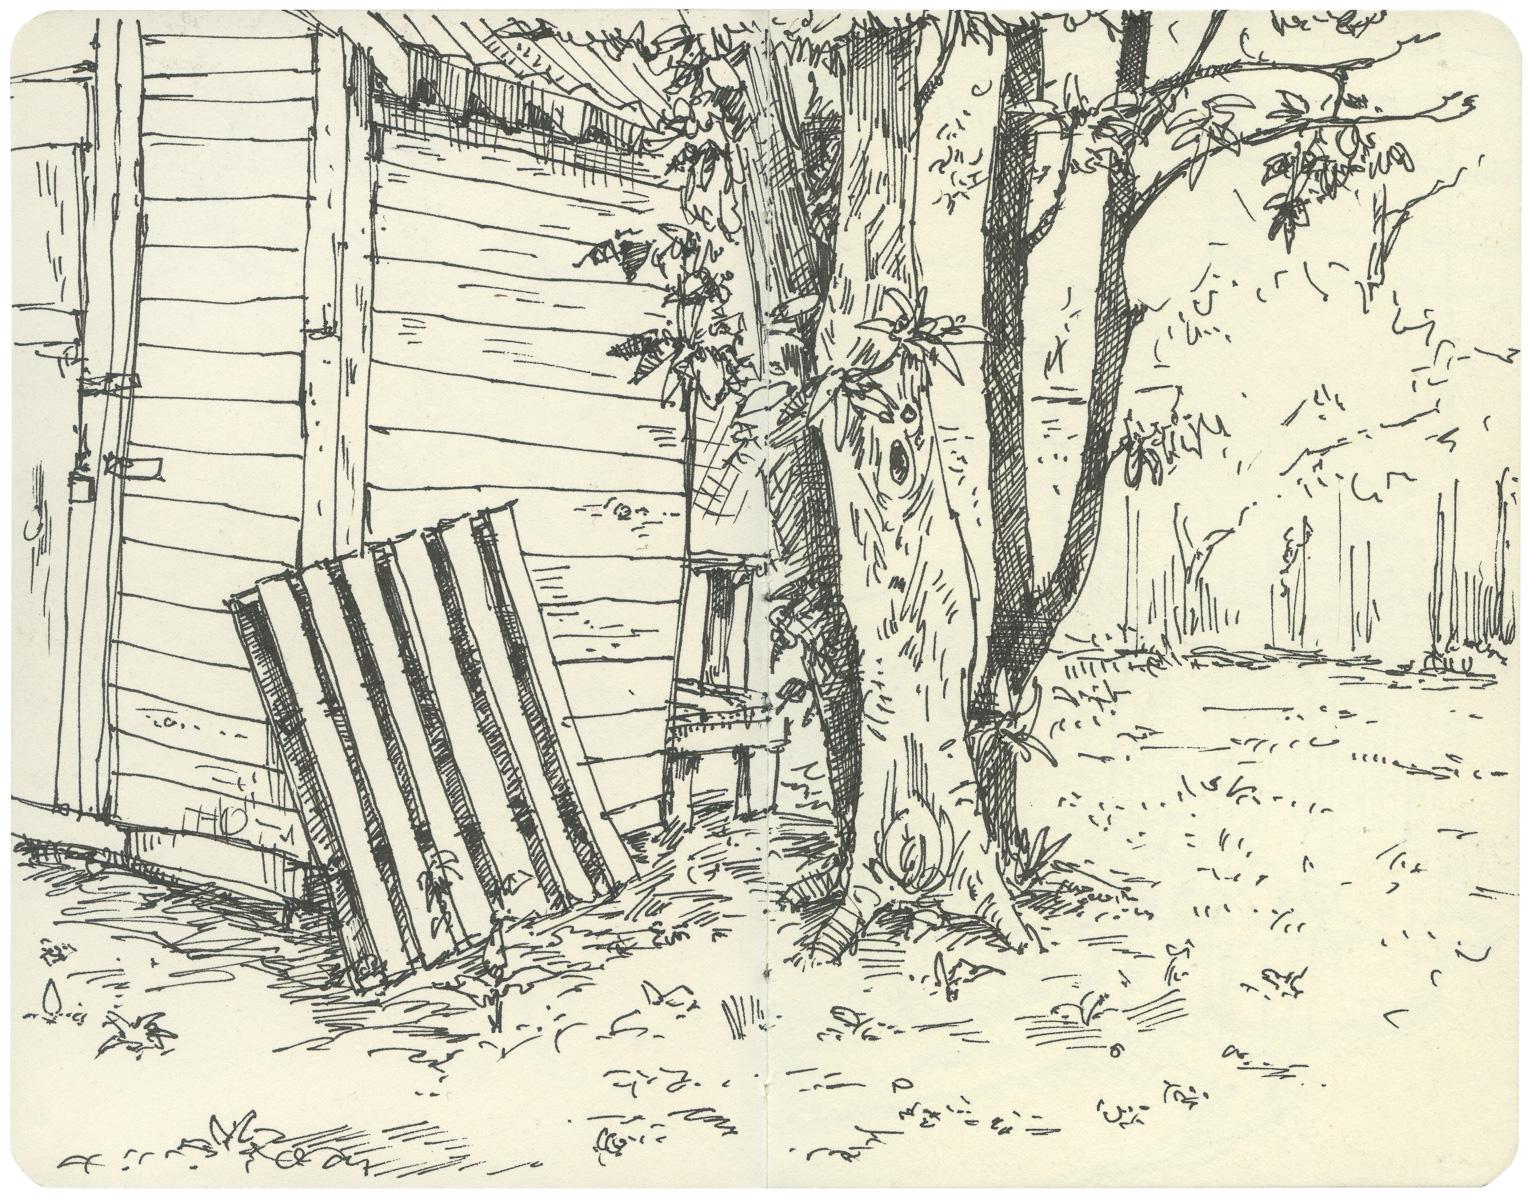 Sketchbook: Backyard Shed